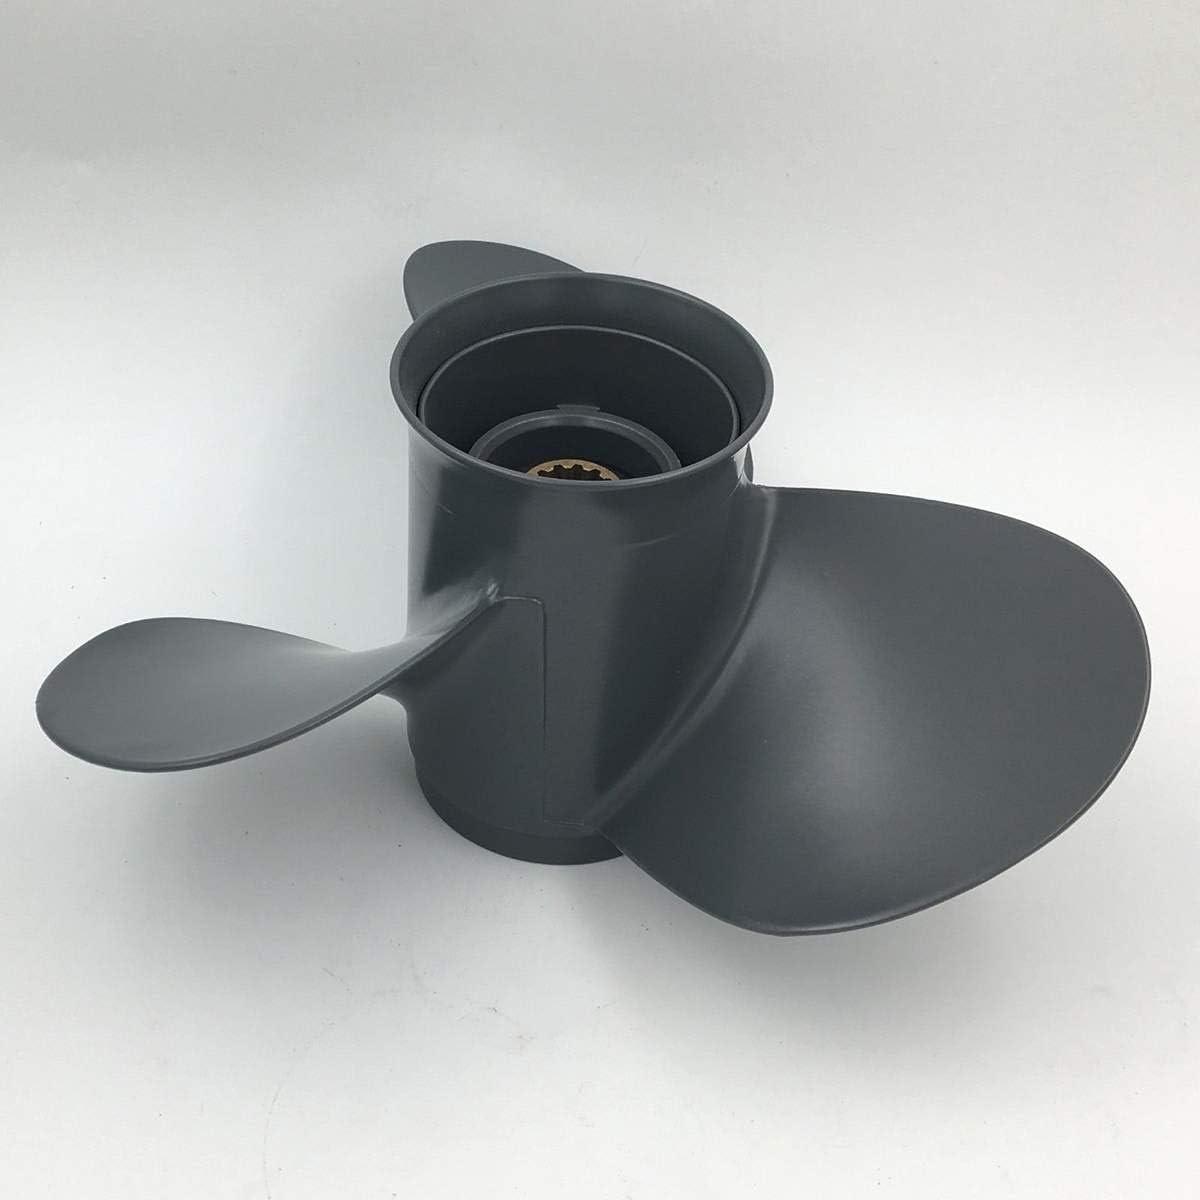 4x13 3 Cuchillas fuerabordas bot/ín propulsor Motores Marino h/élice Aluminio aleaci/ón 11 1 Apto para HON.DA 35-60H P 58130-ZV5-000ZA